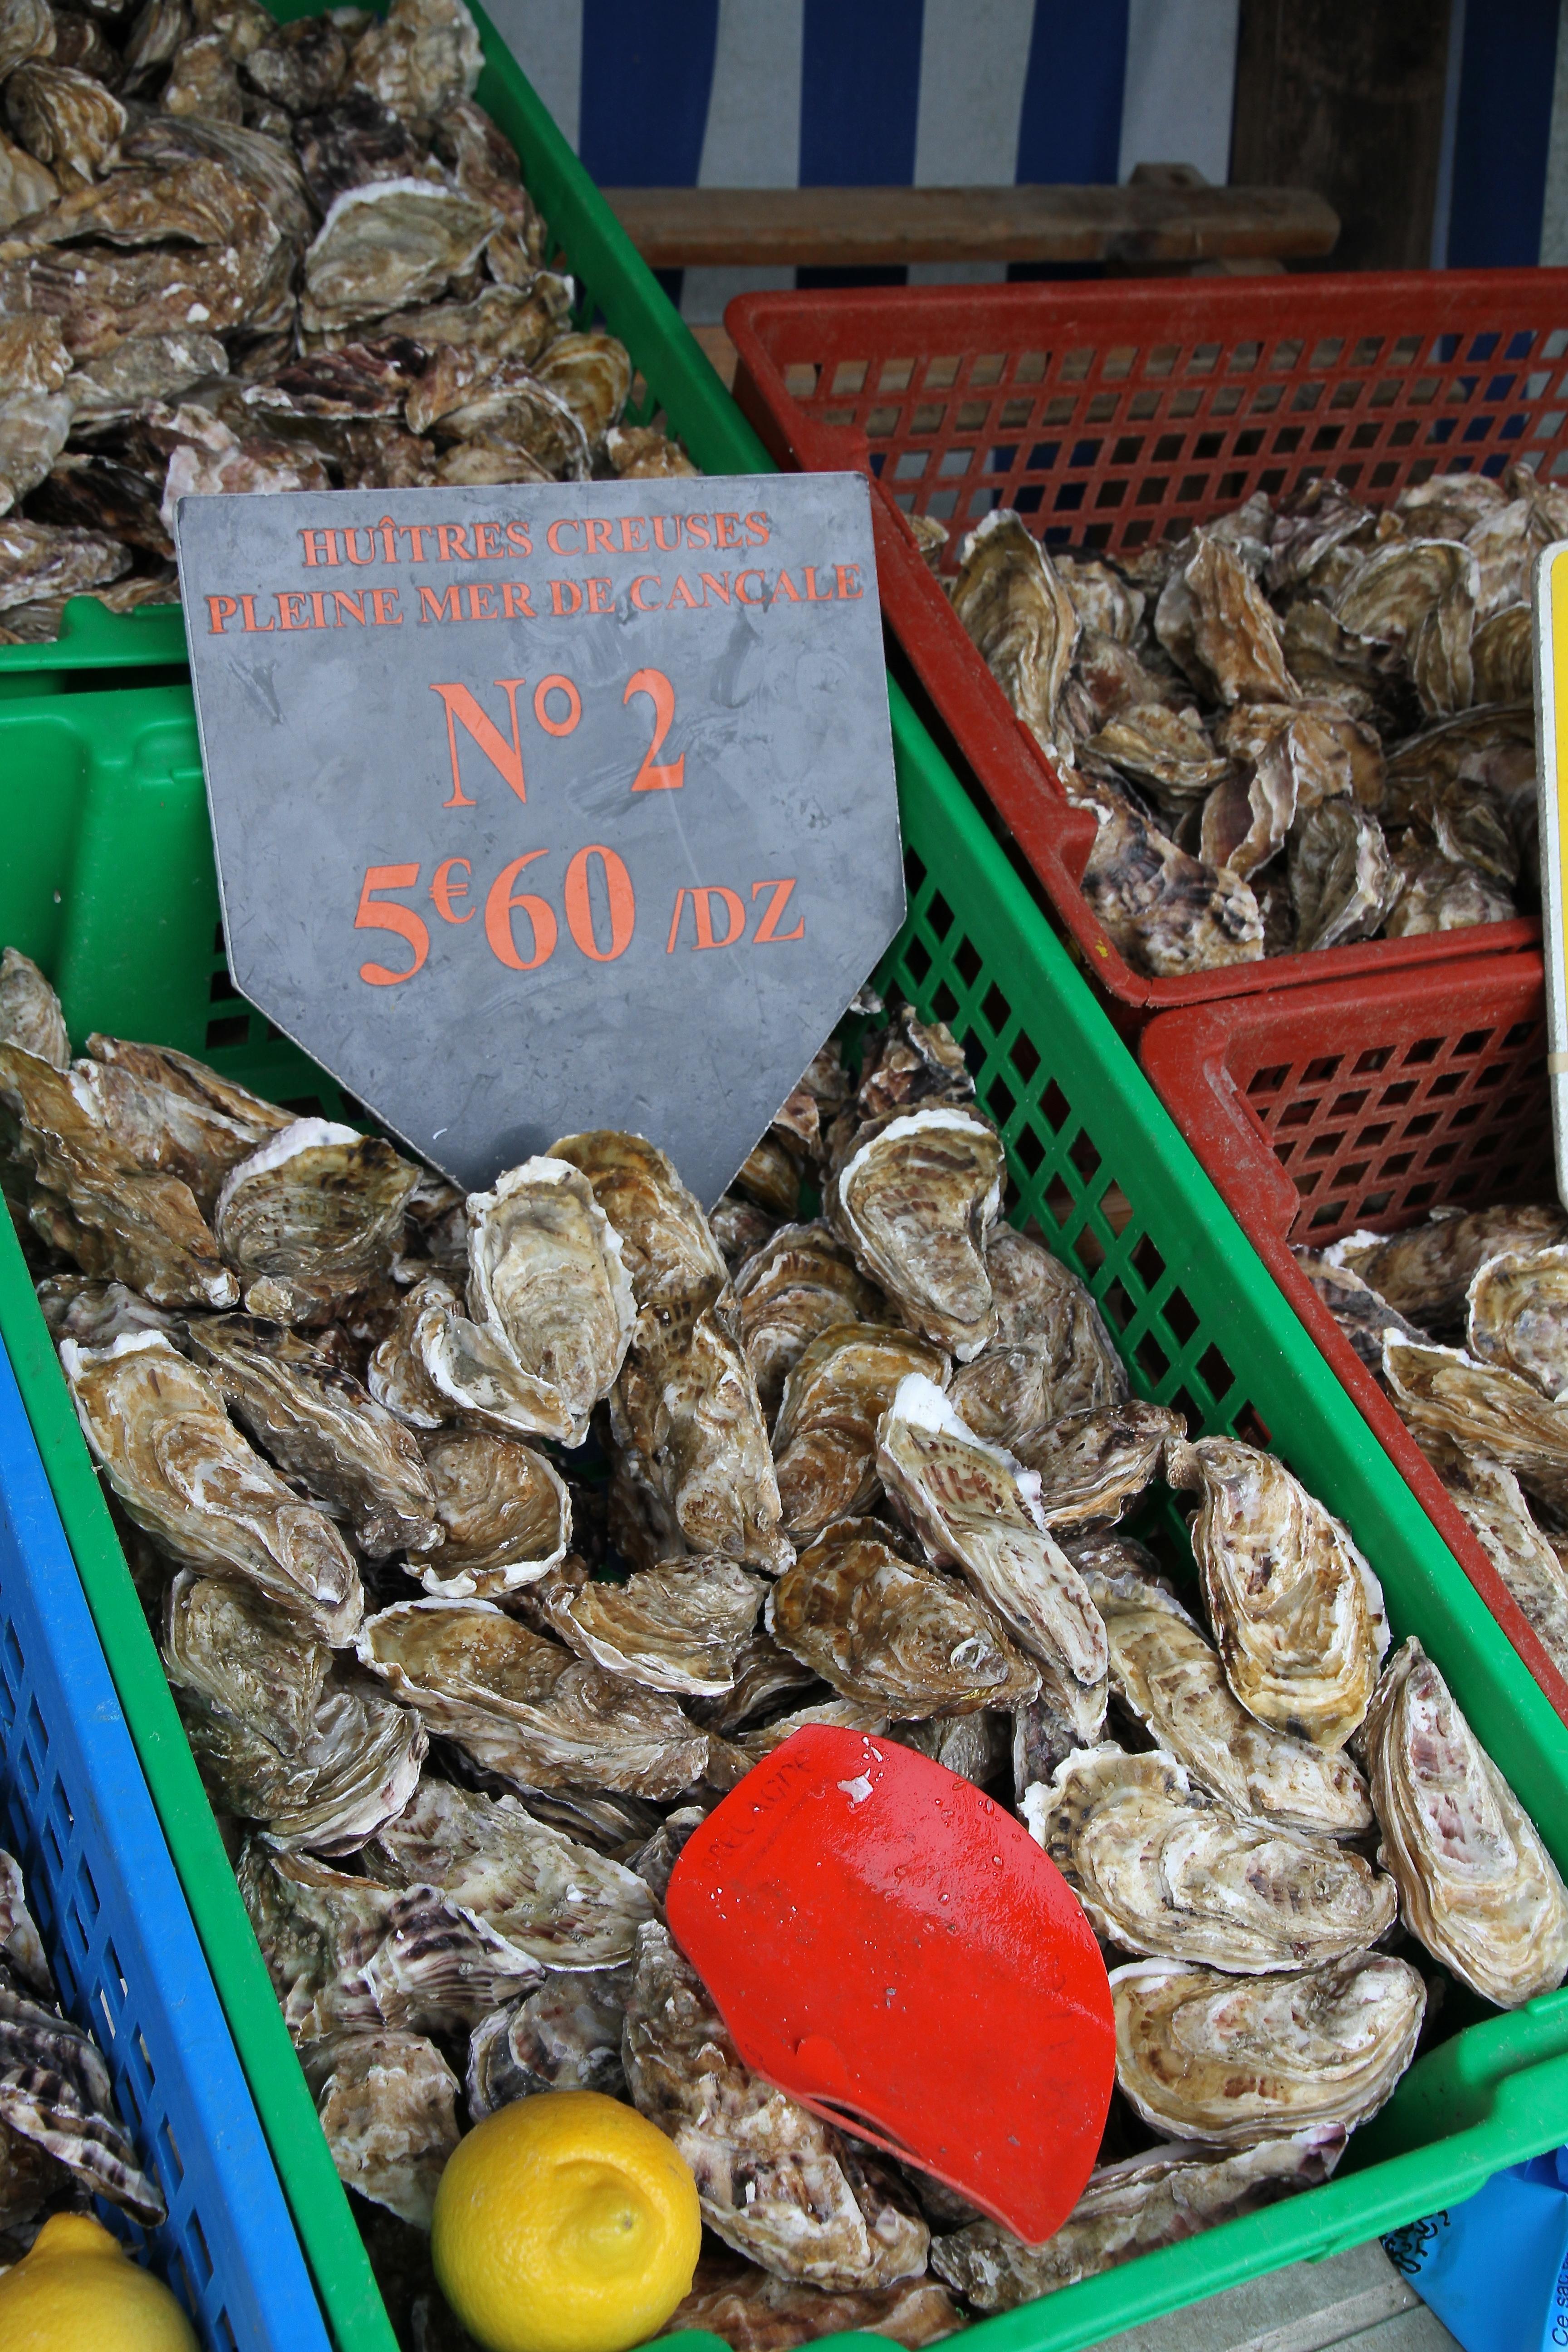 Austern, Frankreich, Bretagne, Strandfischer, Strandfischen, Meeresfrüchte, Delikatessen